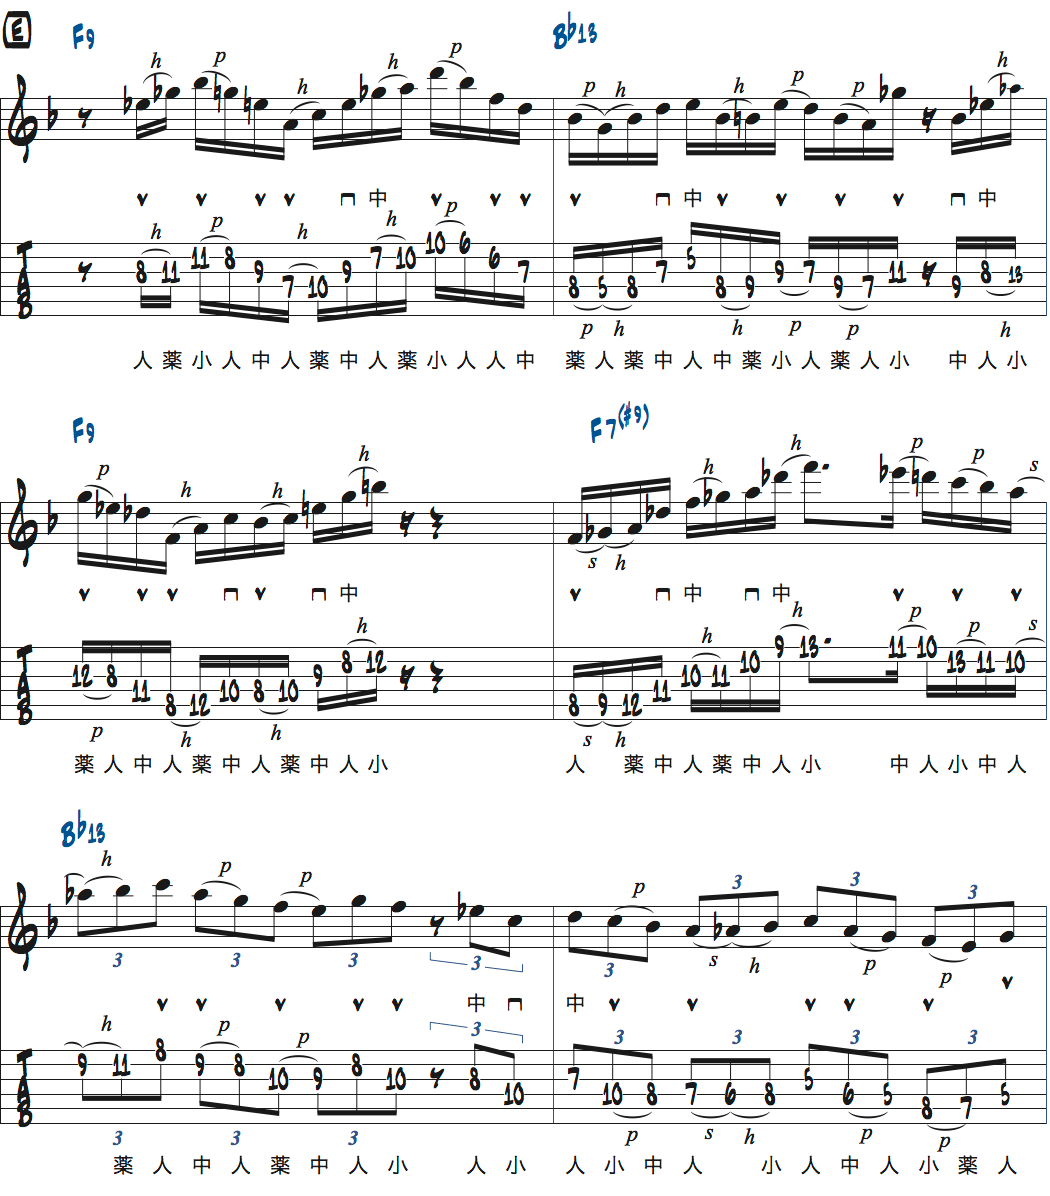 ティム・ミラーのハイブリッド・ピッキングを使ったブルースでのアドリブ5コラース目1ページ目楽譜